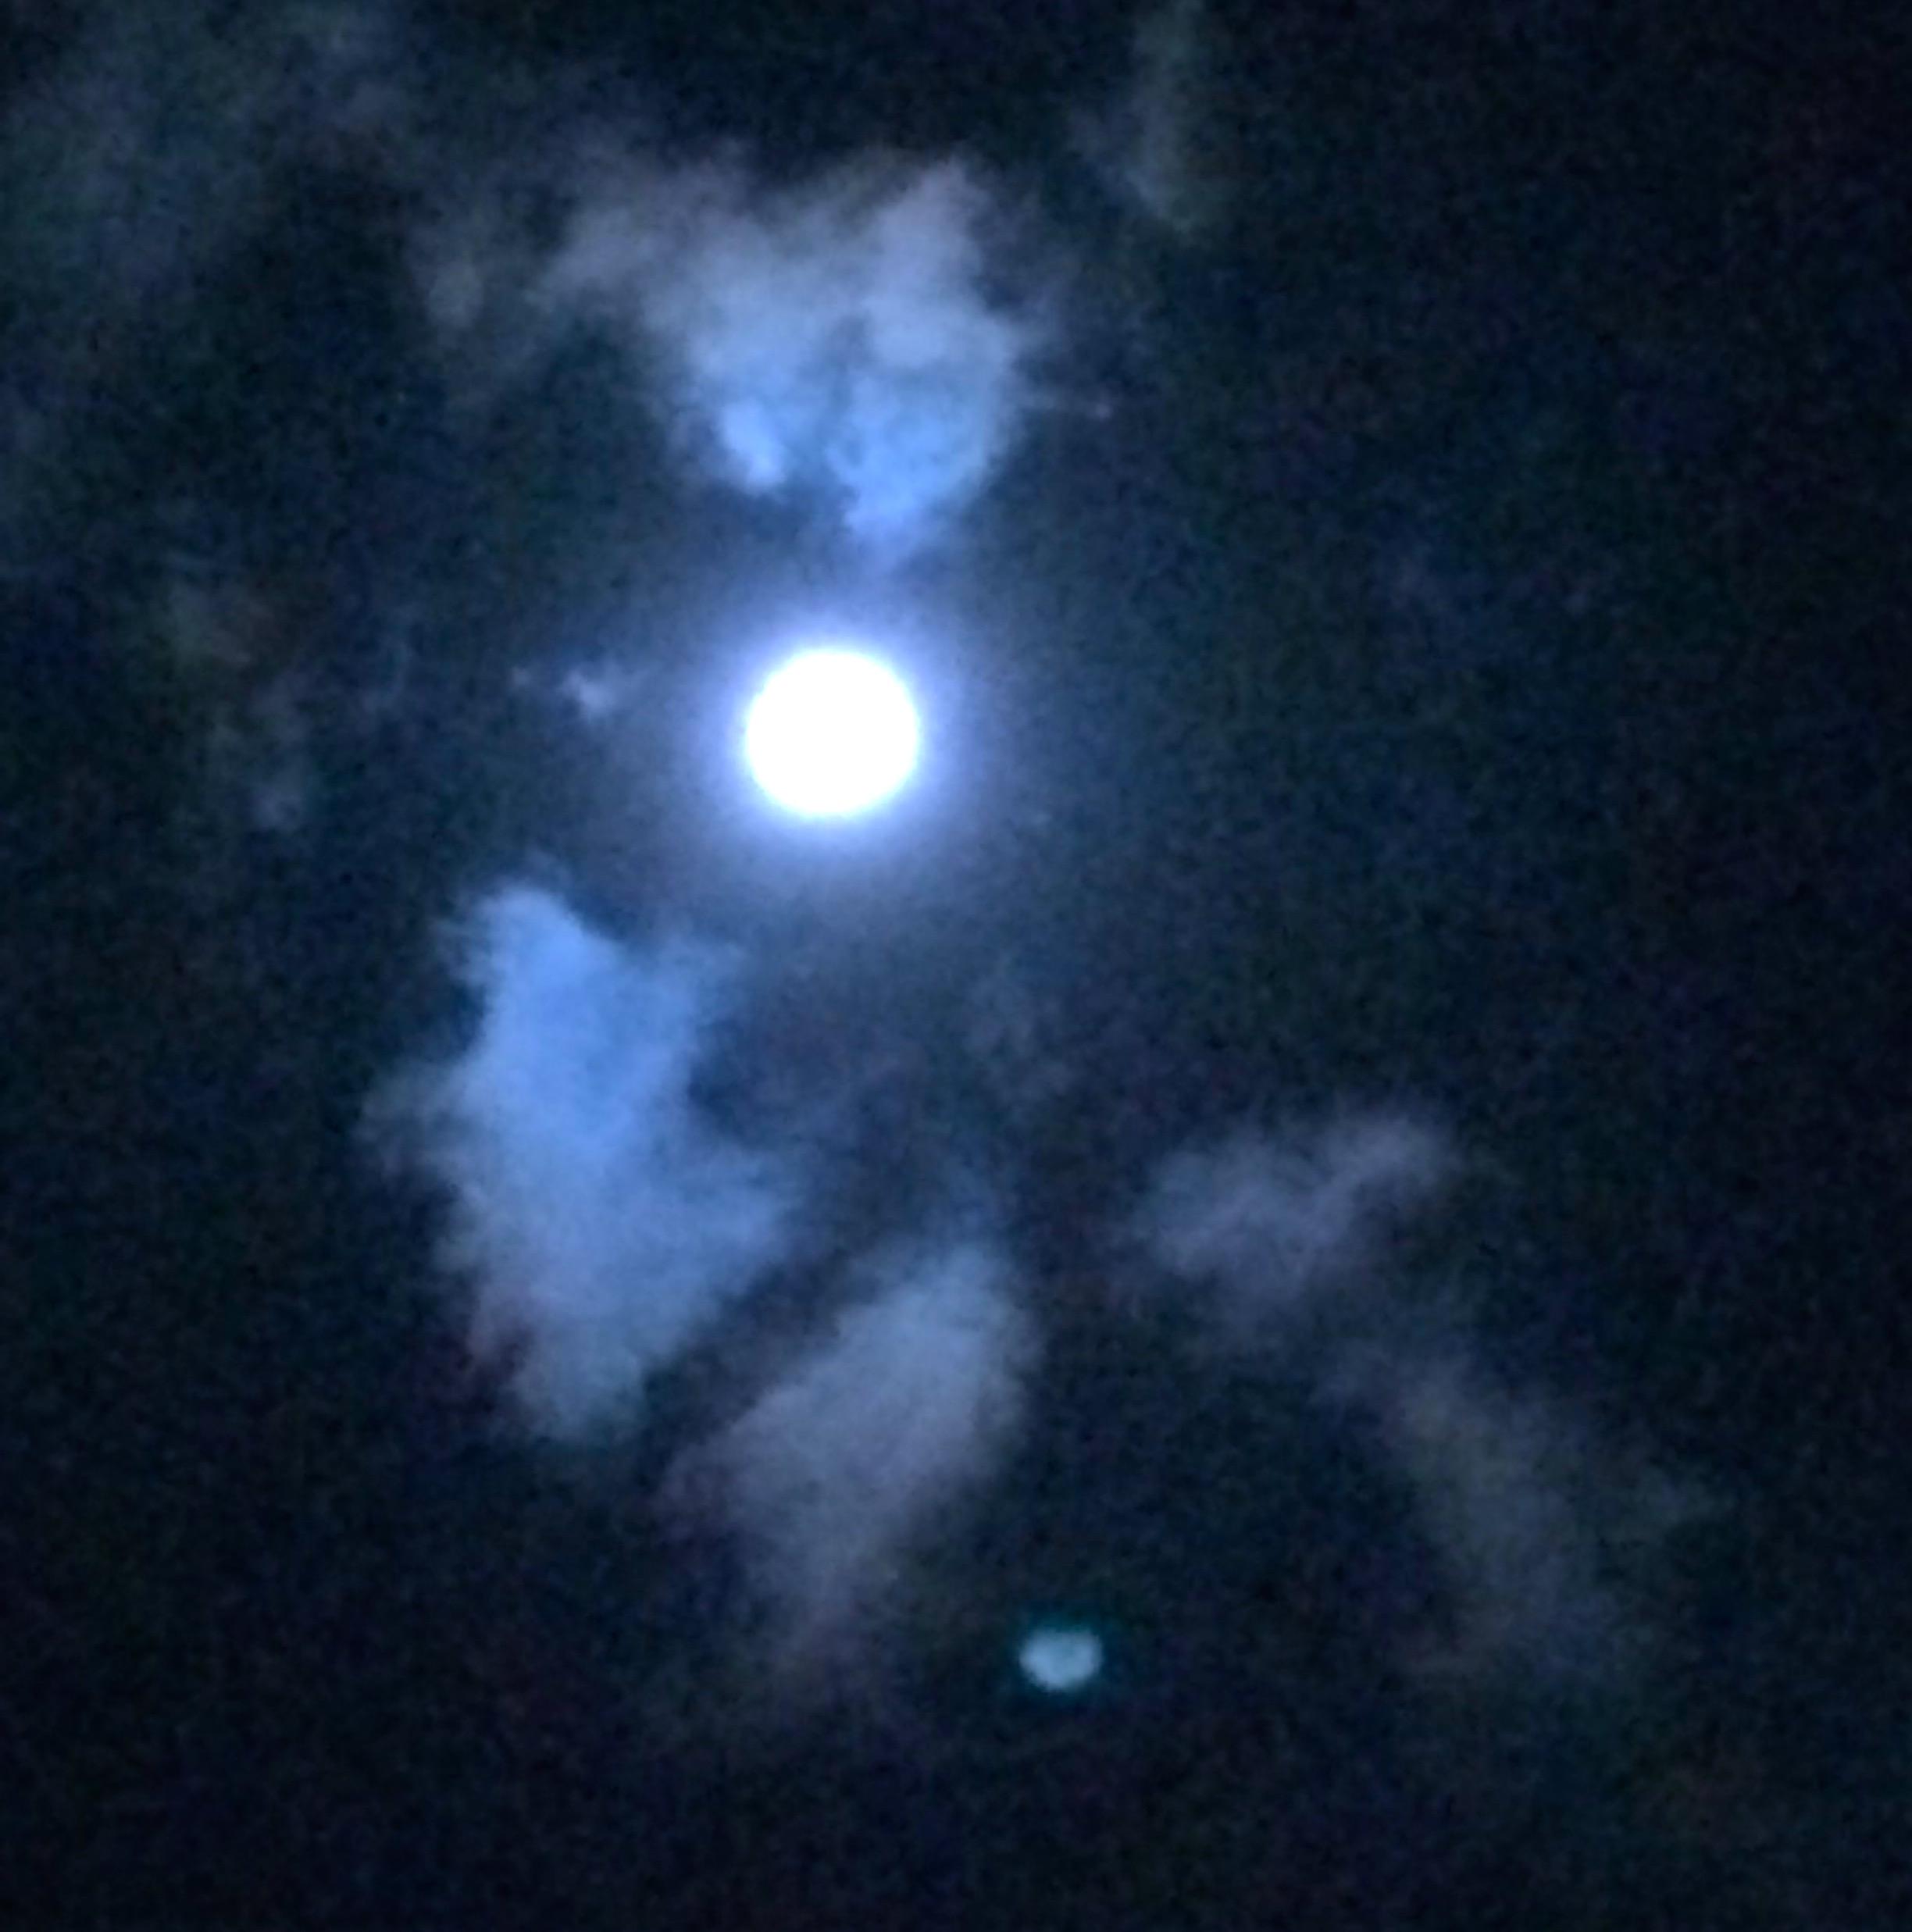 逗子の夜空に星が綺麗に見えるのは